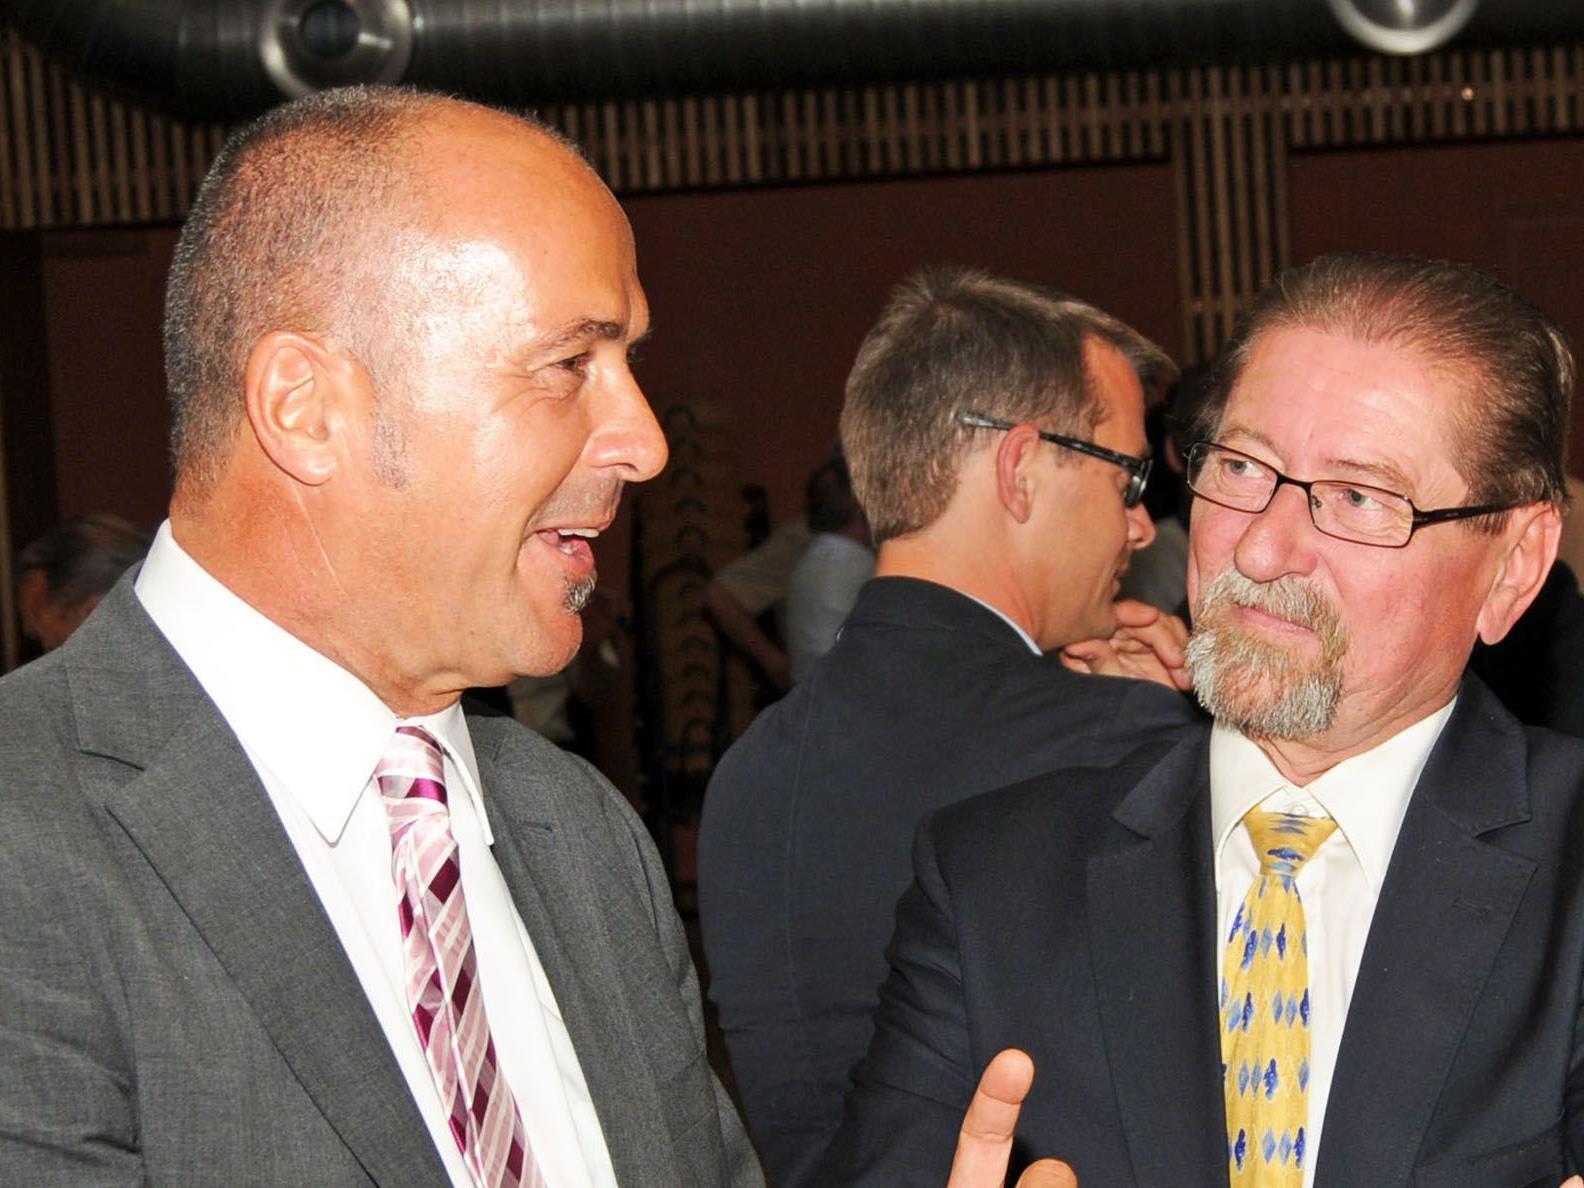 Herbert Sparr soll im April 2013 dem bisherigen Bürgermeister Werner Schneider nachfolgen.